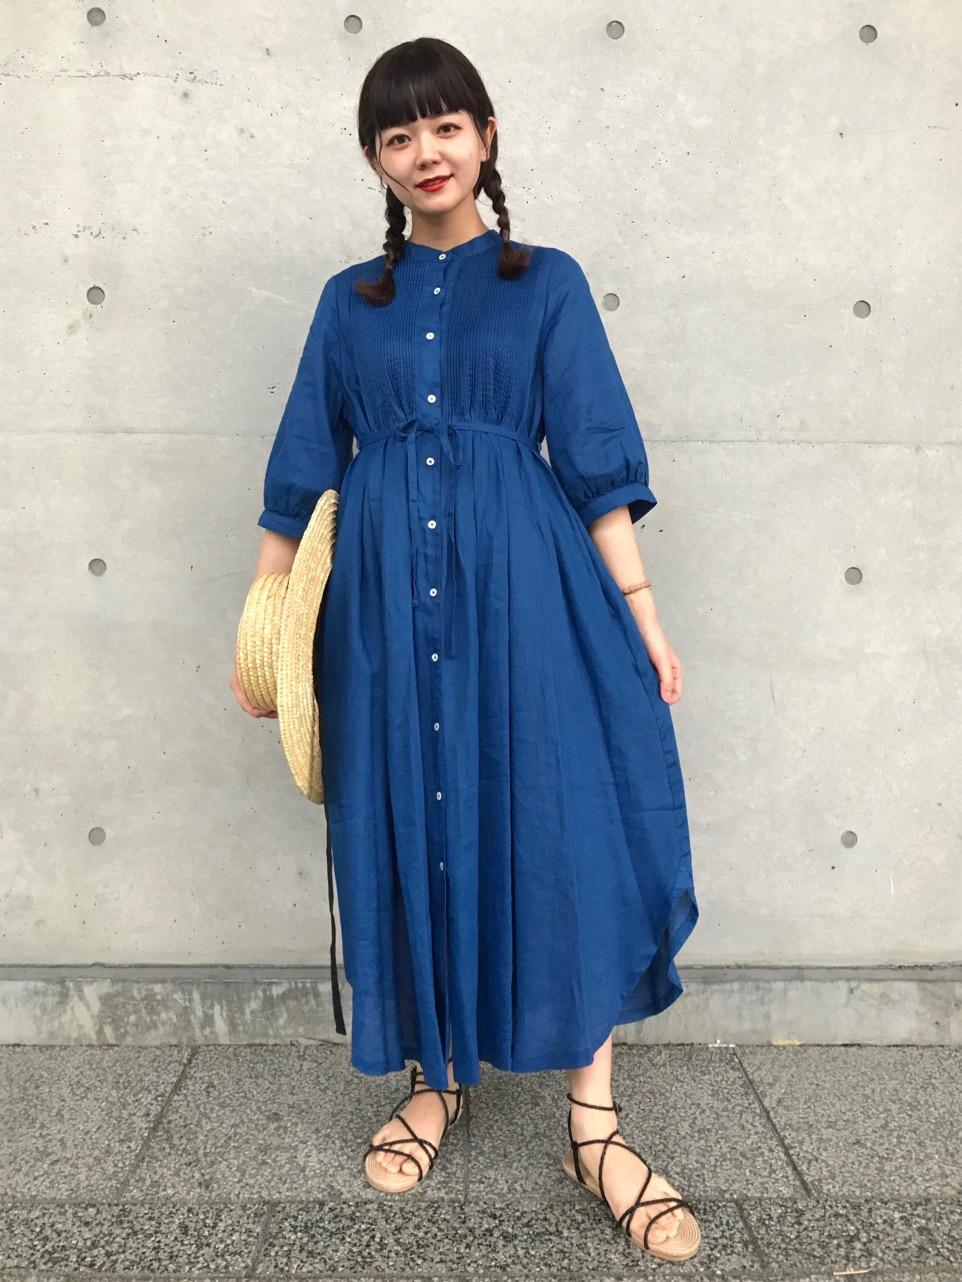 l'atelier du savon 東京スカイツリータウン・ソラマチ 身長:154cm 2020.07.20